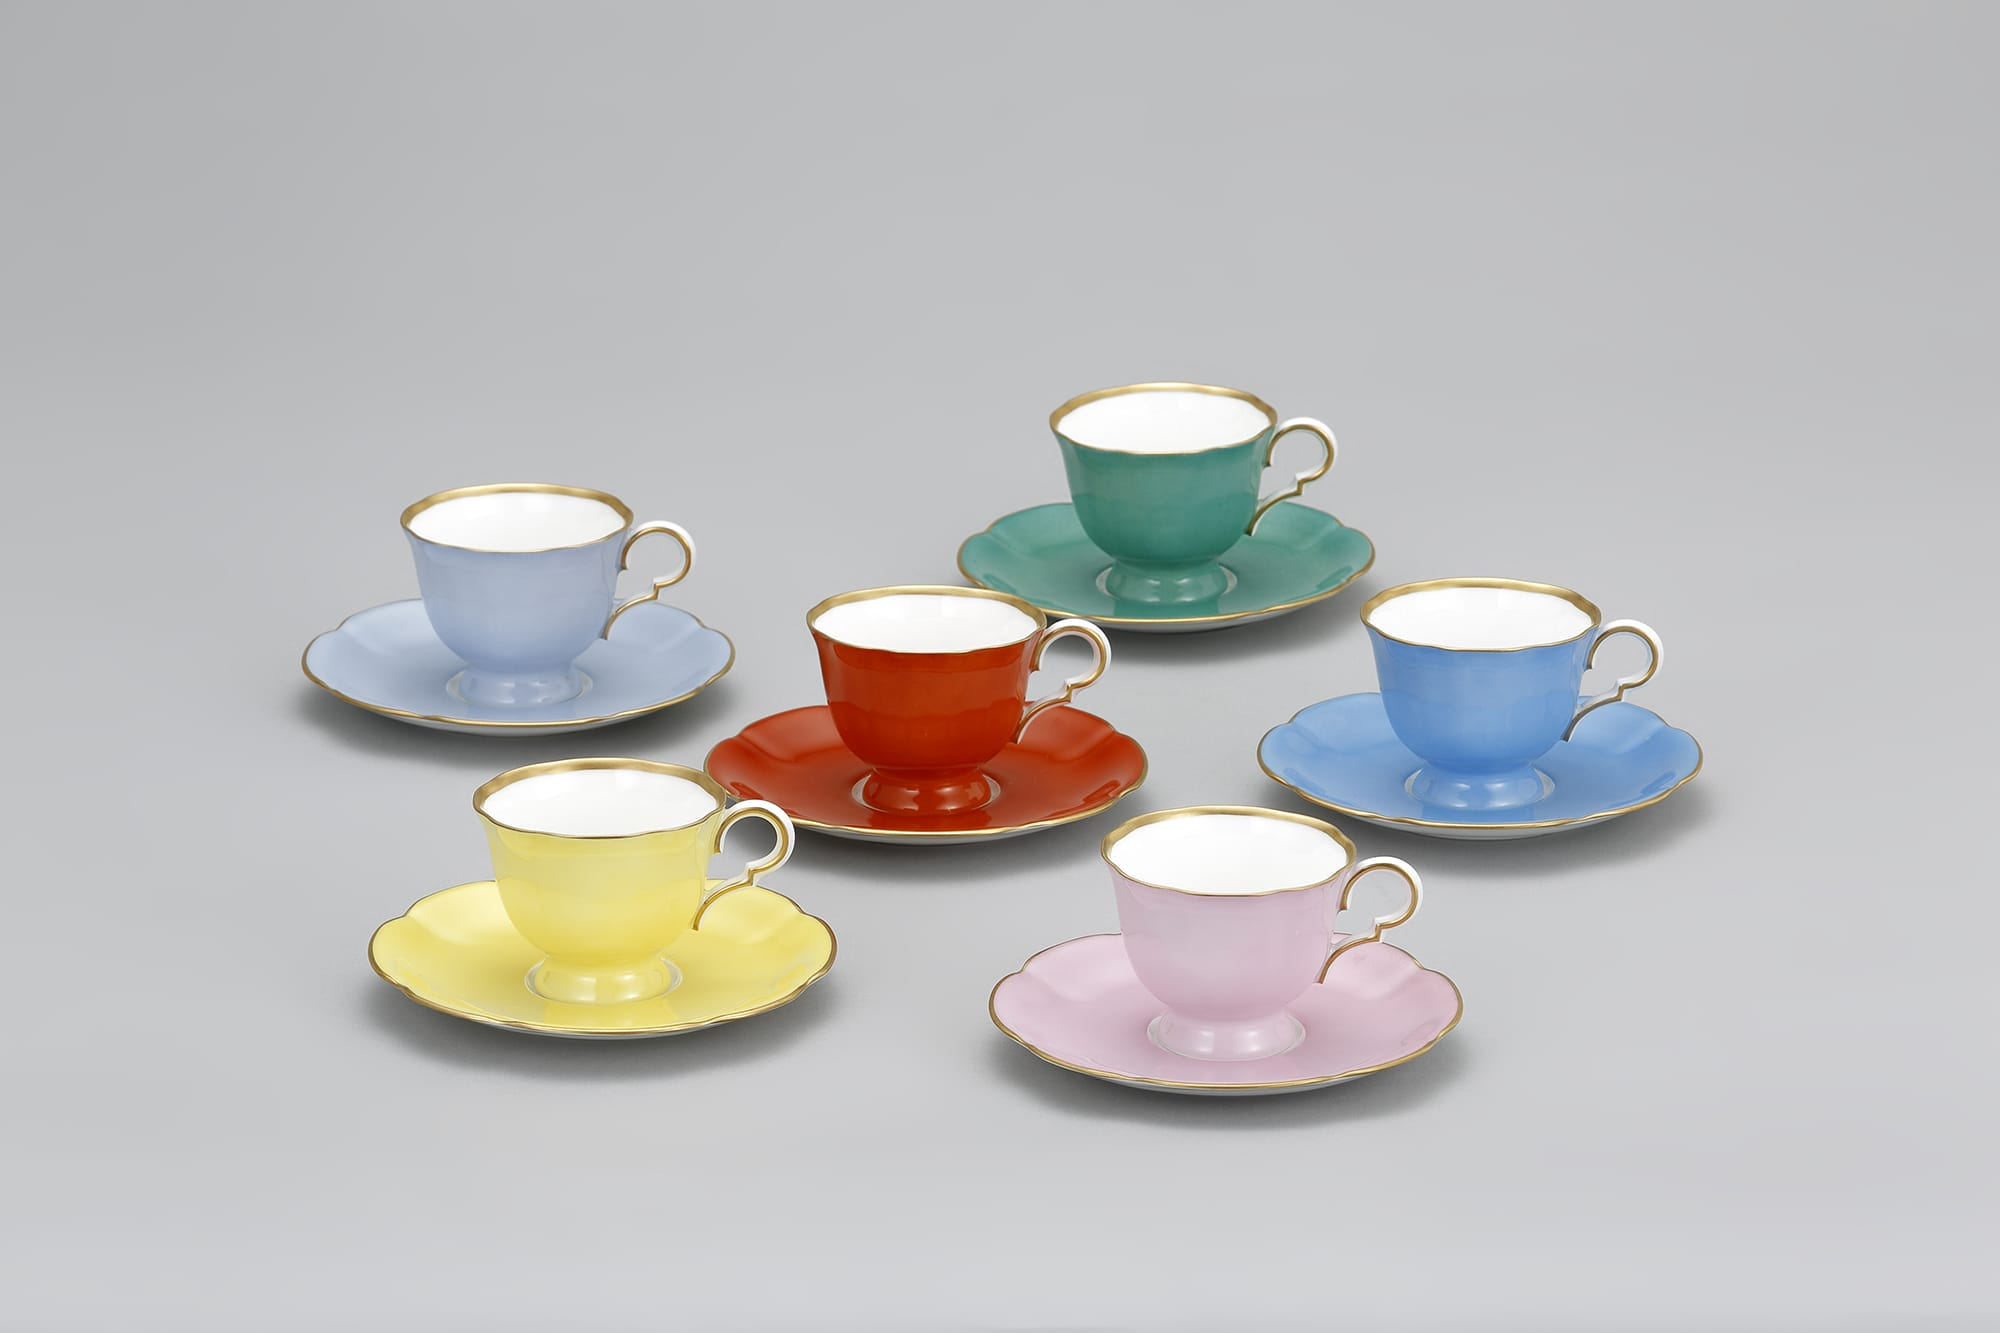 「色蒔デミタス碗皿」 1935-45年 東京村田コレクション